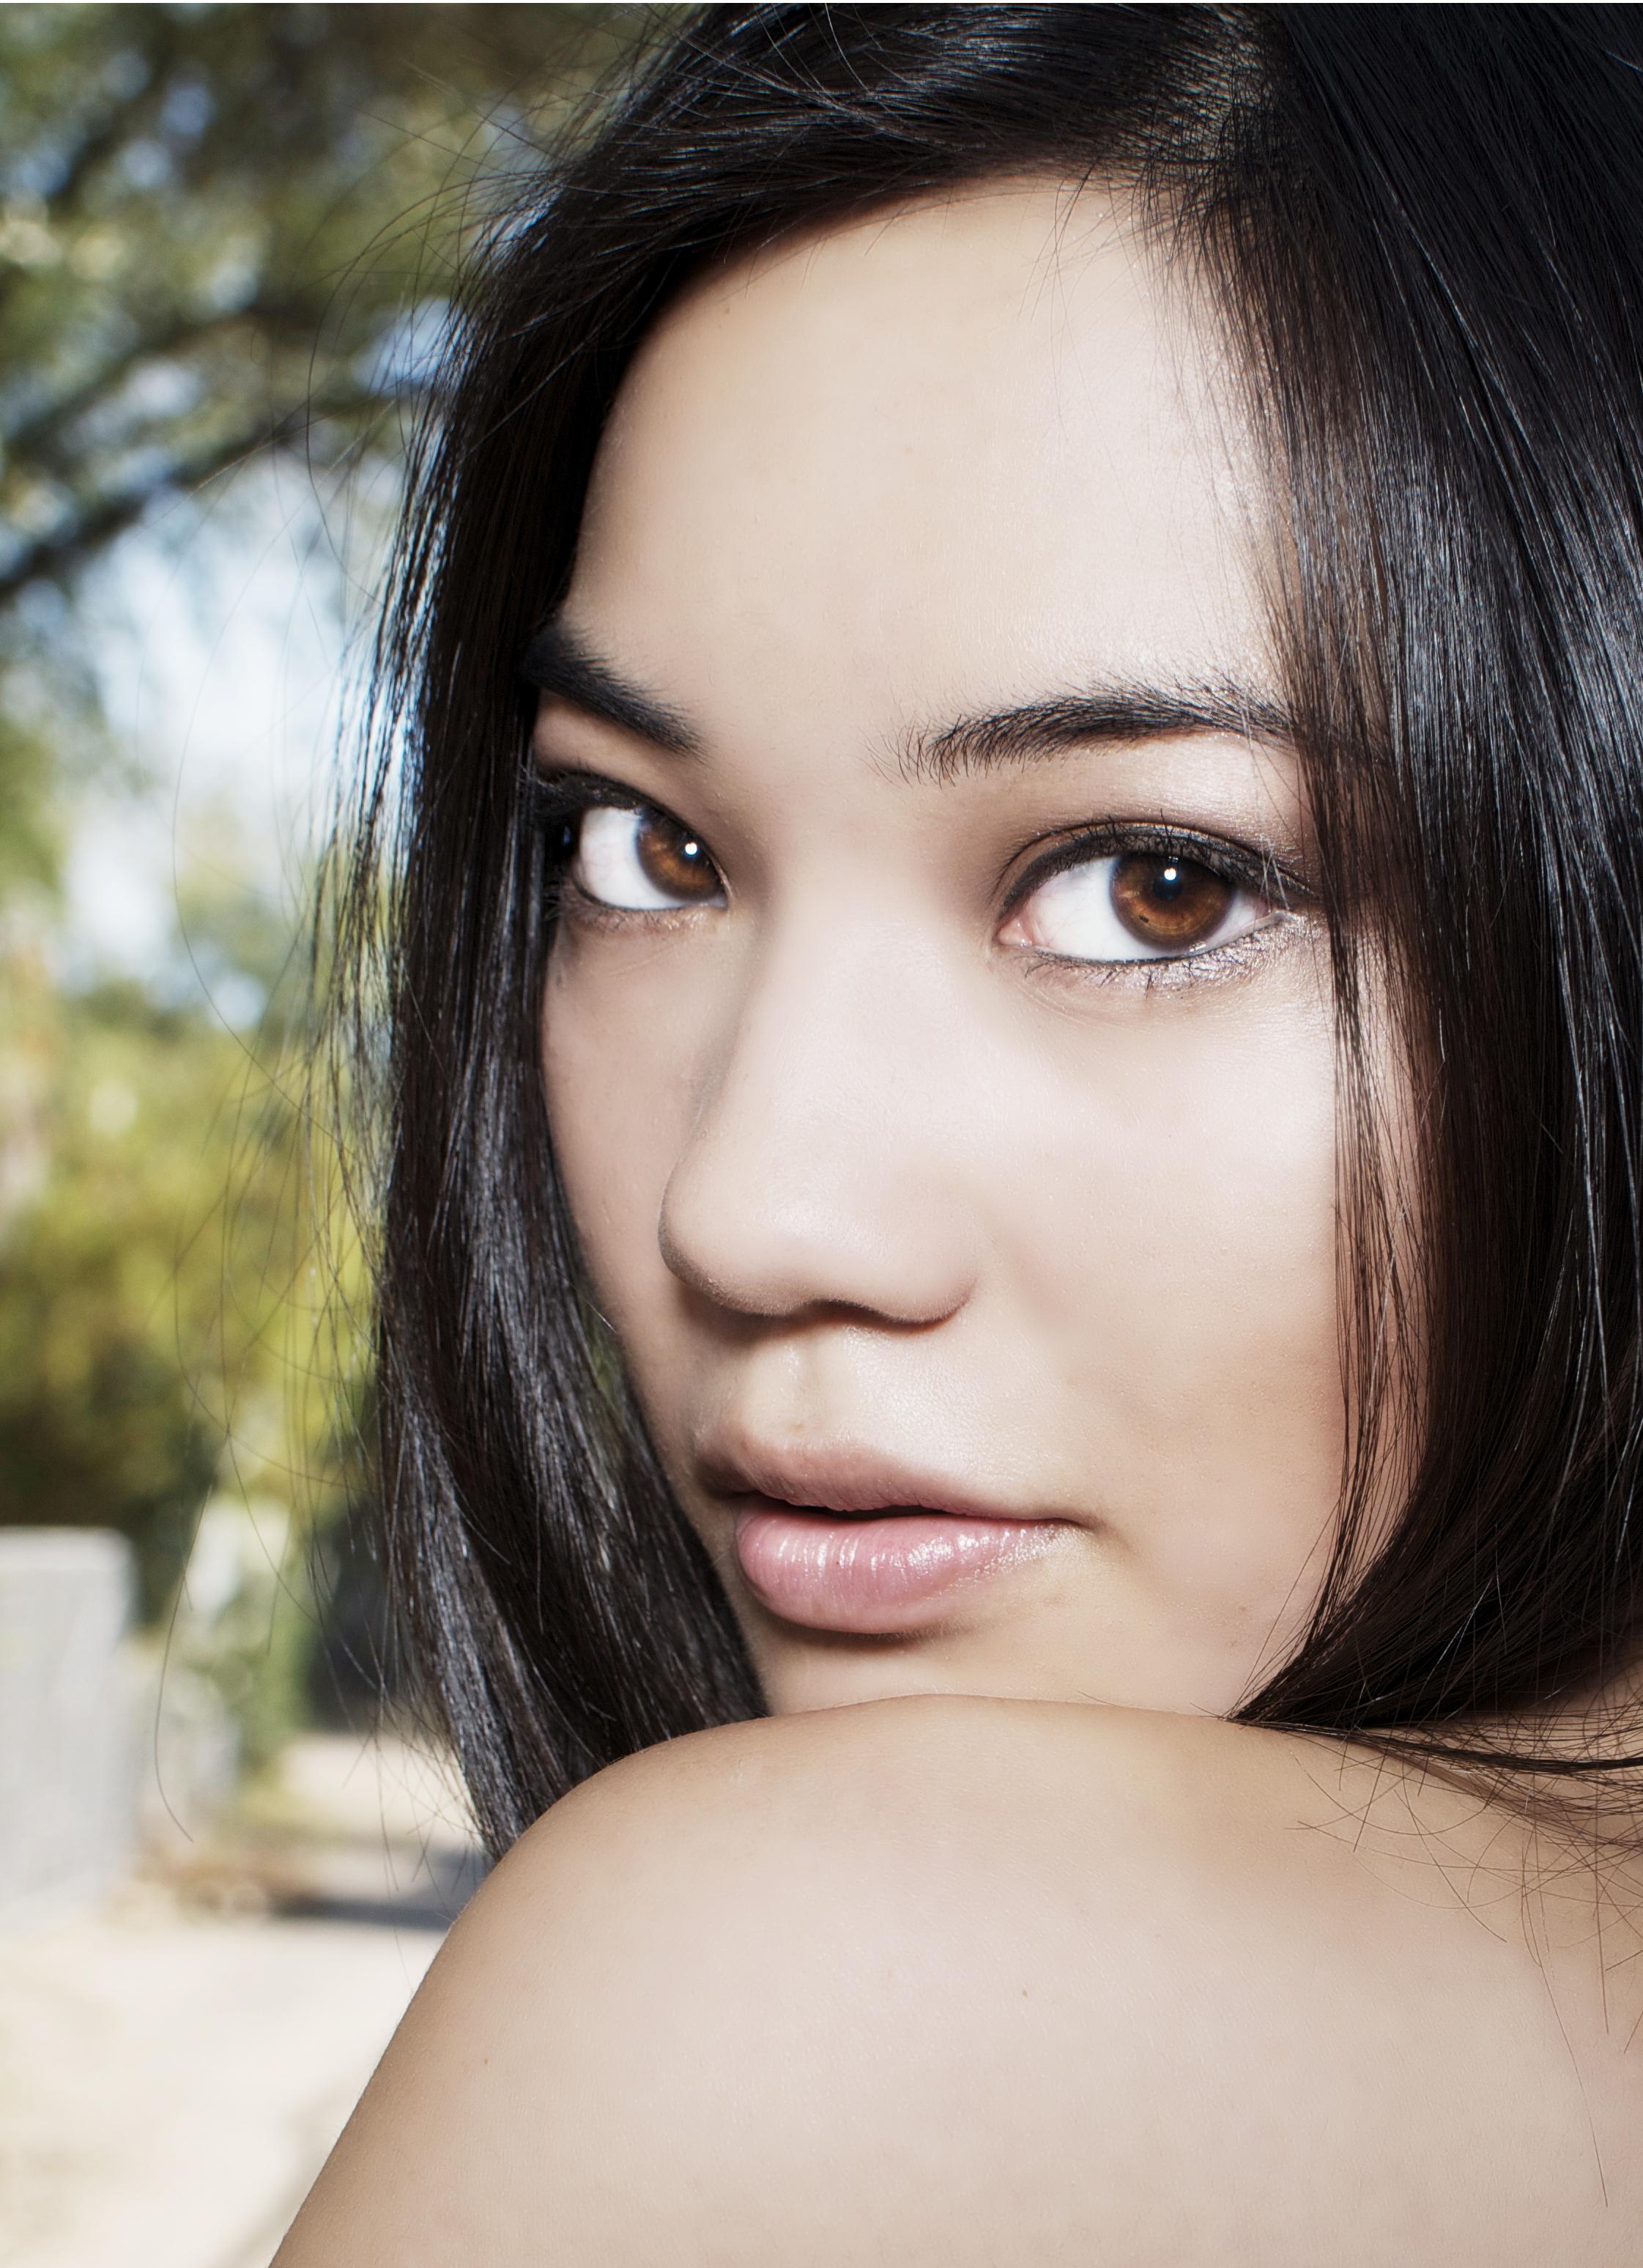 bigstock-Beautiful-young-Asian-woman-25764488